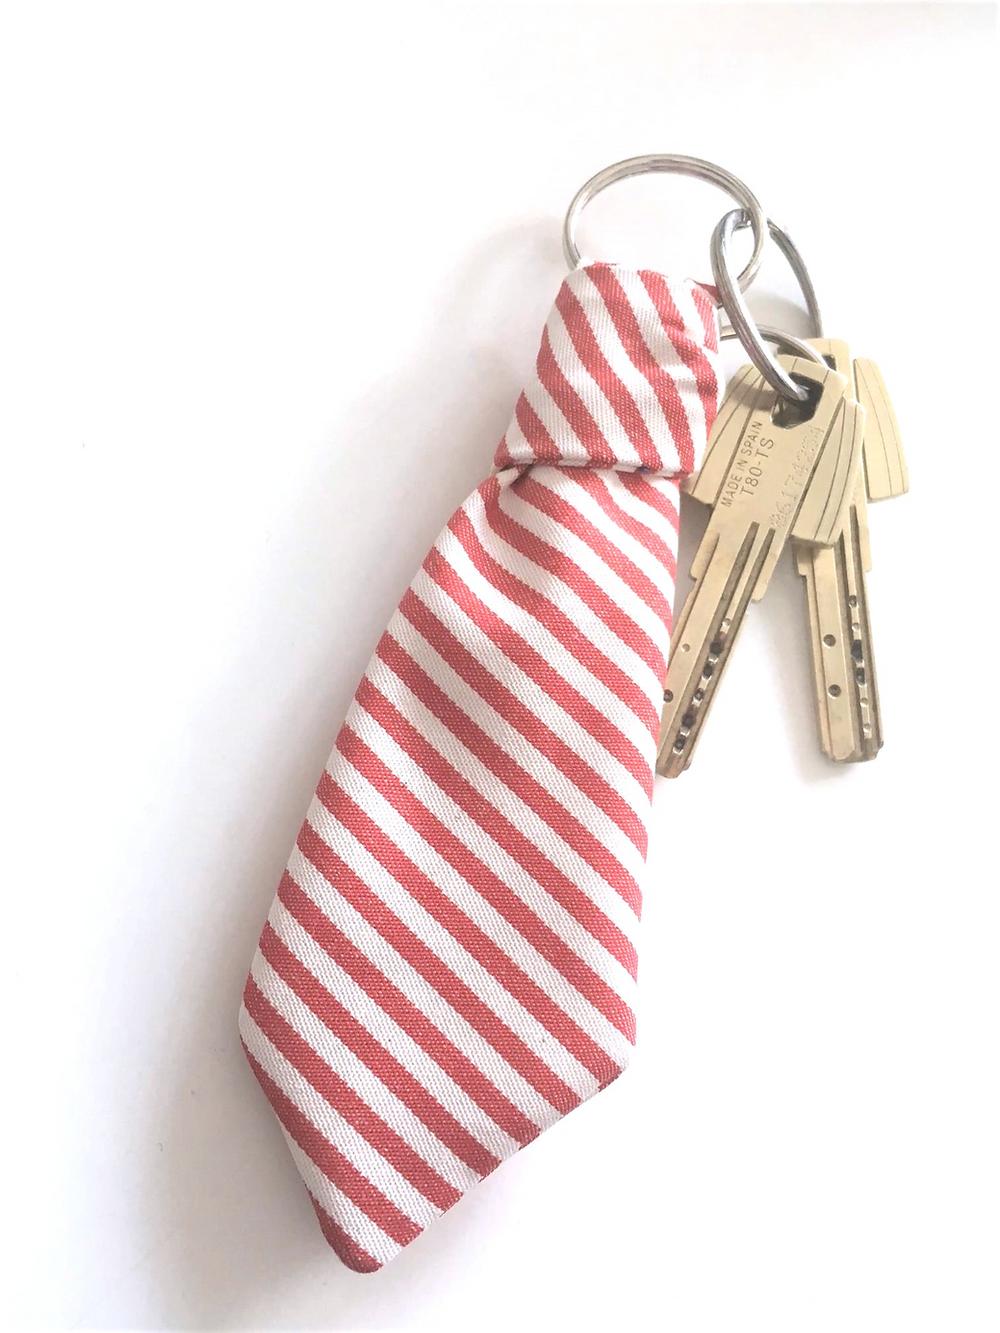 Porta chaves gravata - Joana Nobre Garcia